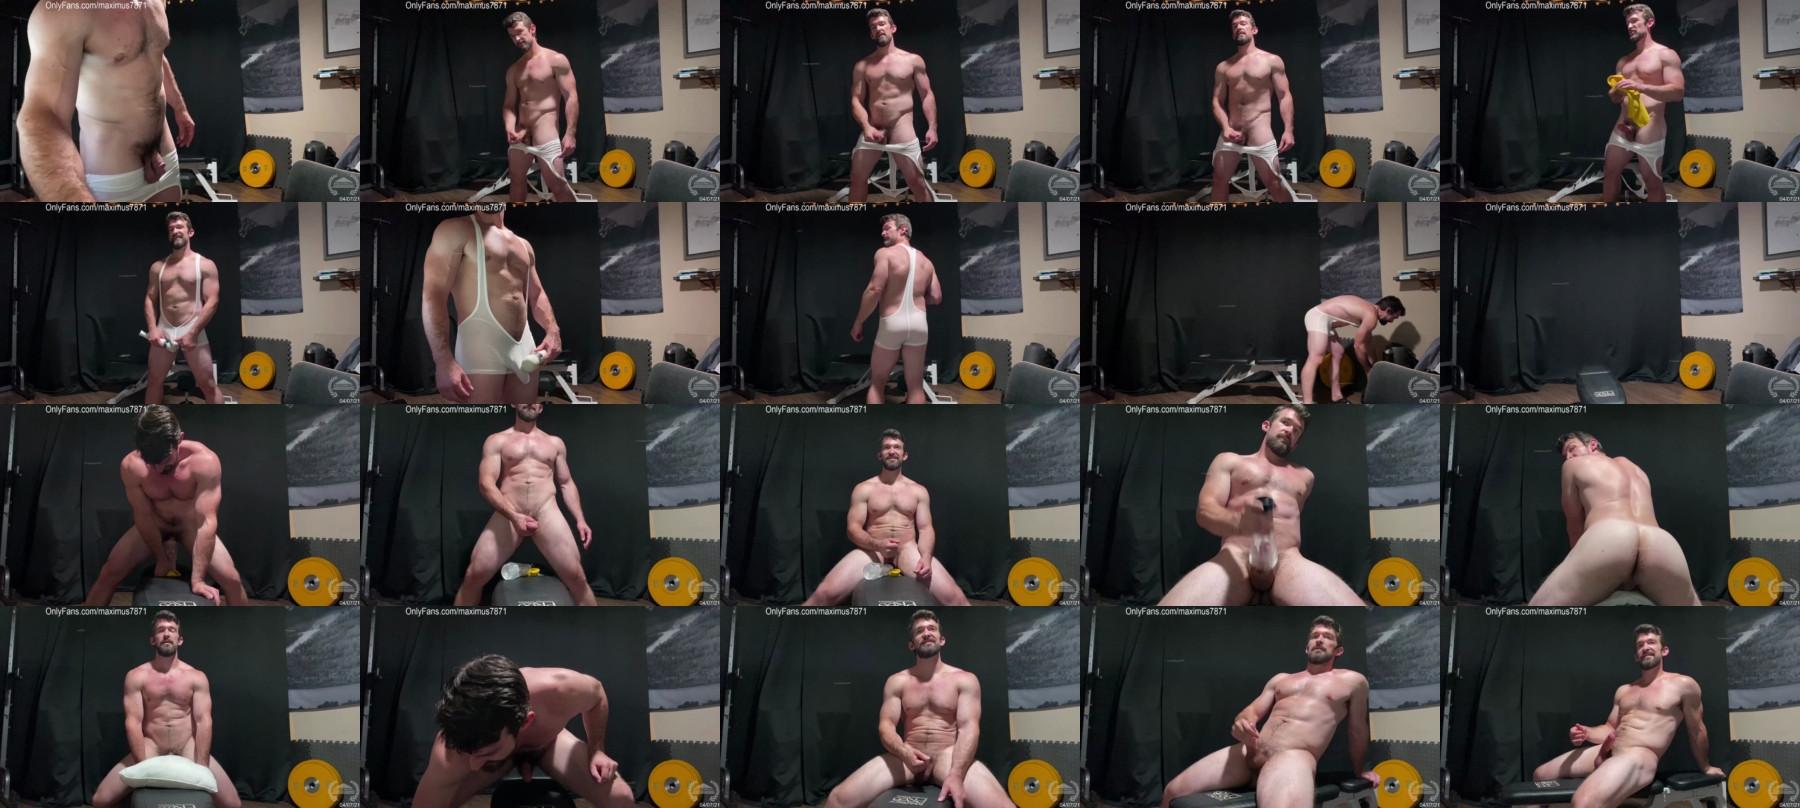 Maximus_787 Chaturbate 08-04-2021 Male Porn